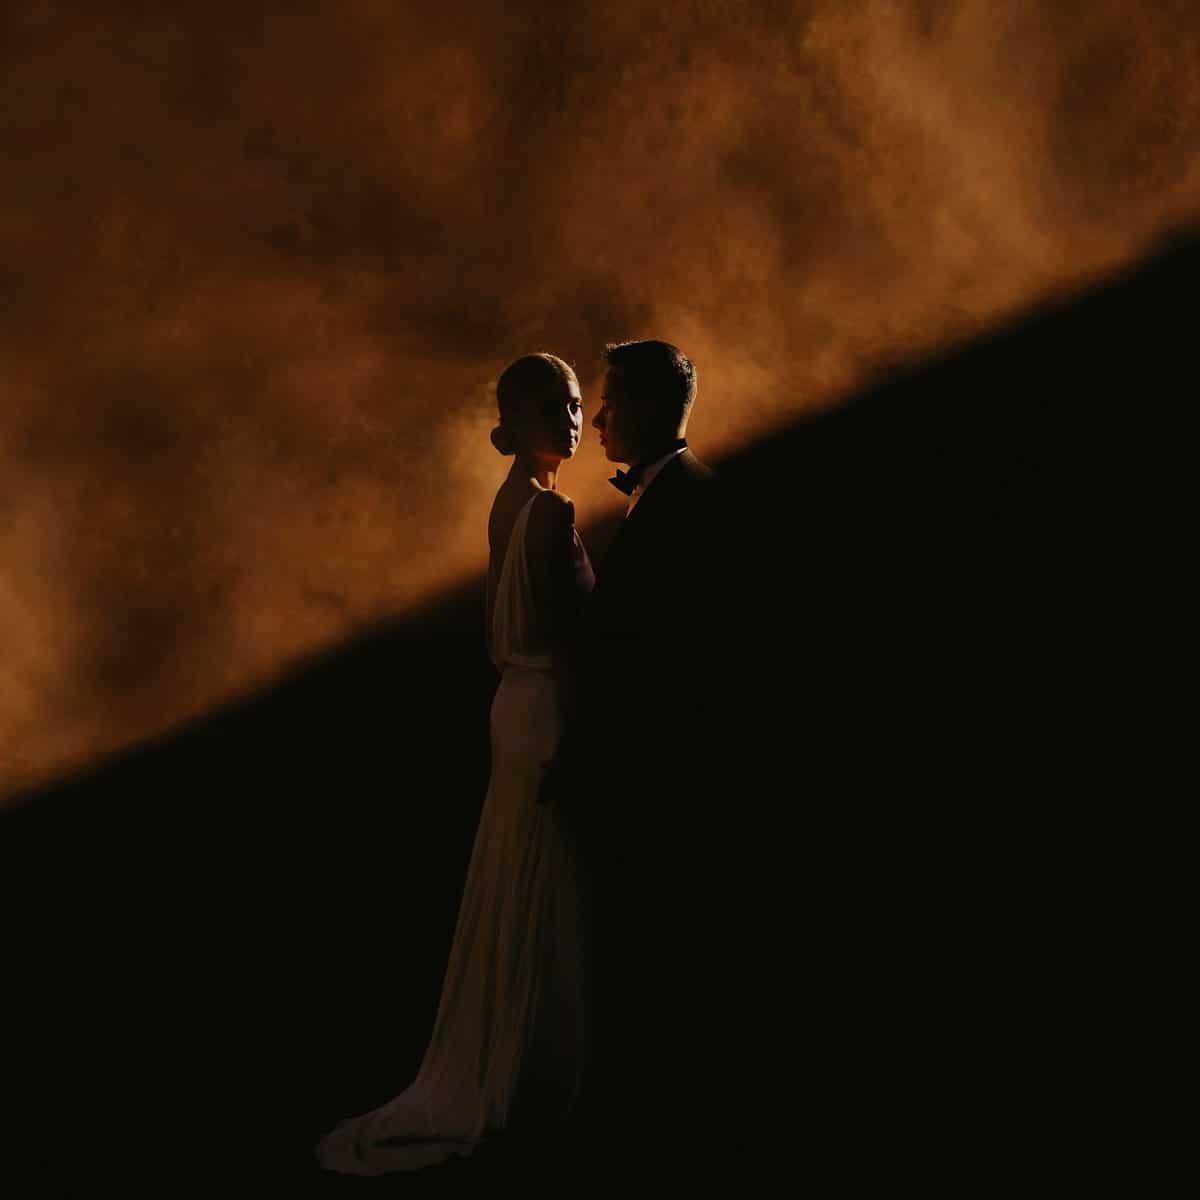 Concurso fotografía de bodas Fotos de boda